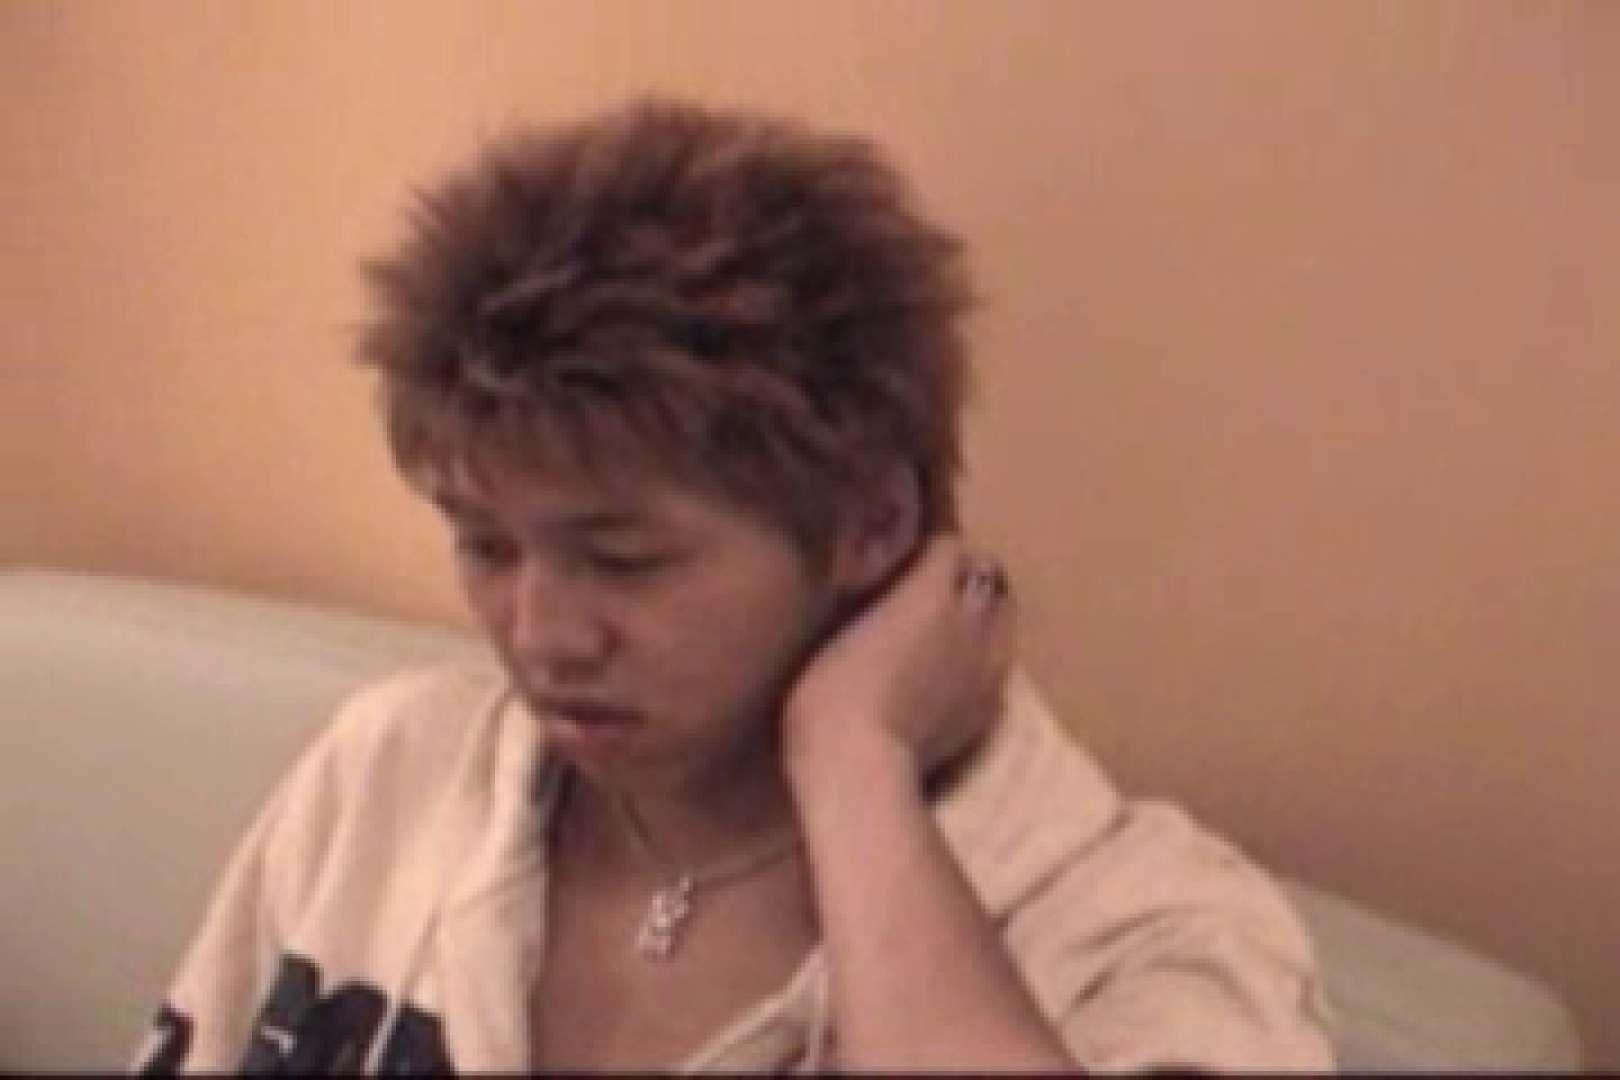 【流出】ジャニ系イケメン!!フライング&アナルが痛くて出来ません!! 茶髪 ゲイ無修正ビデオ画像 83枚 40